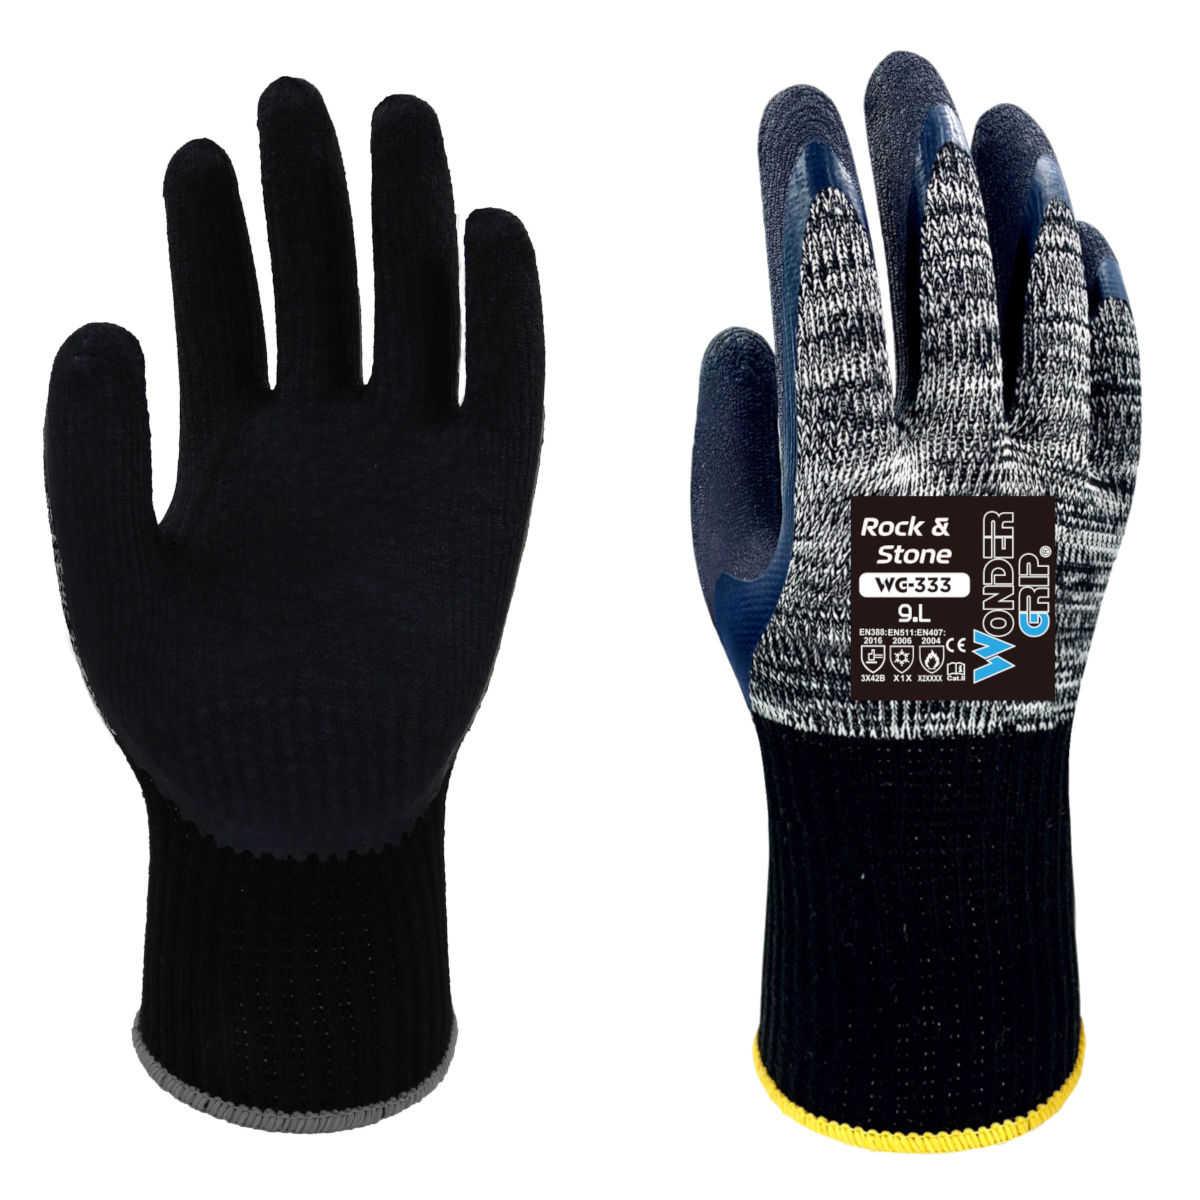 starker Schnittschutz Level-5 PRODEF /® Security-Handschuhe mit Kn/öchelprotektoren